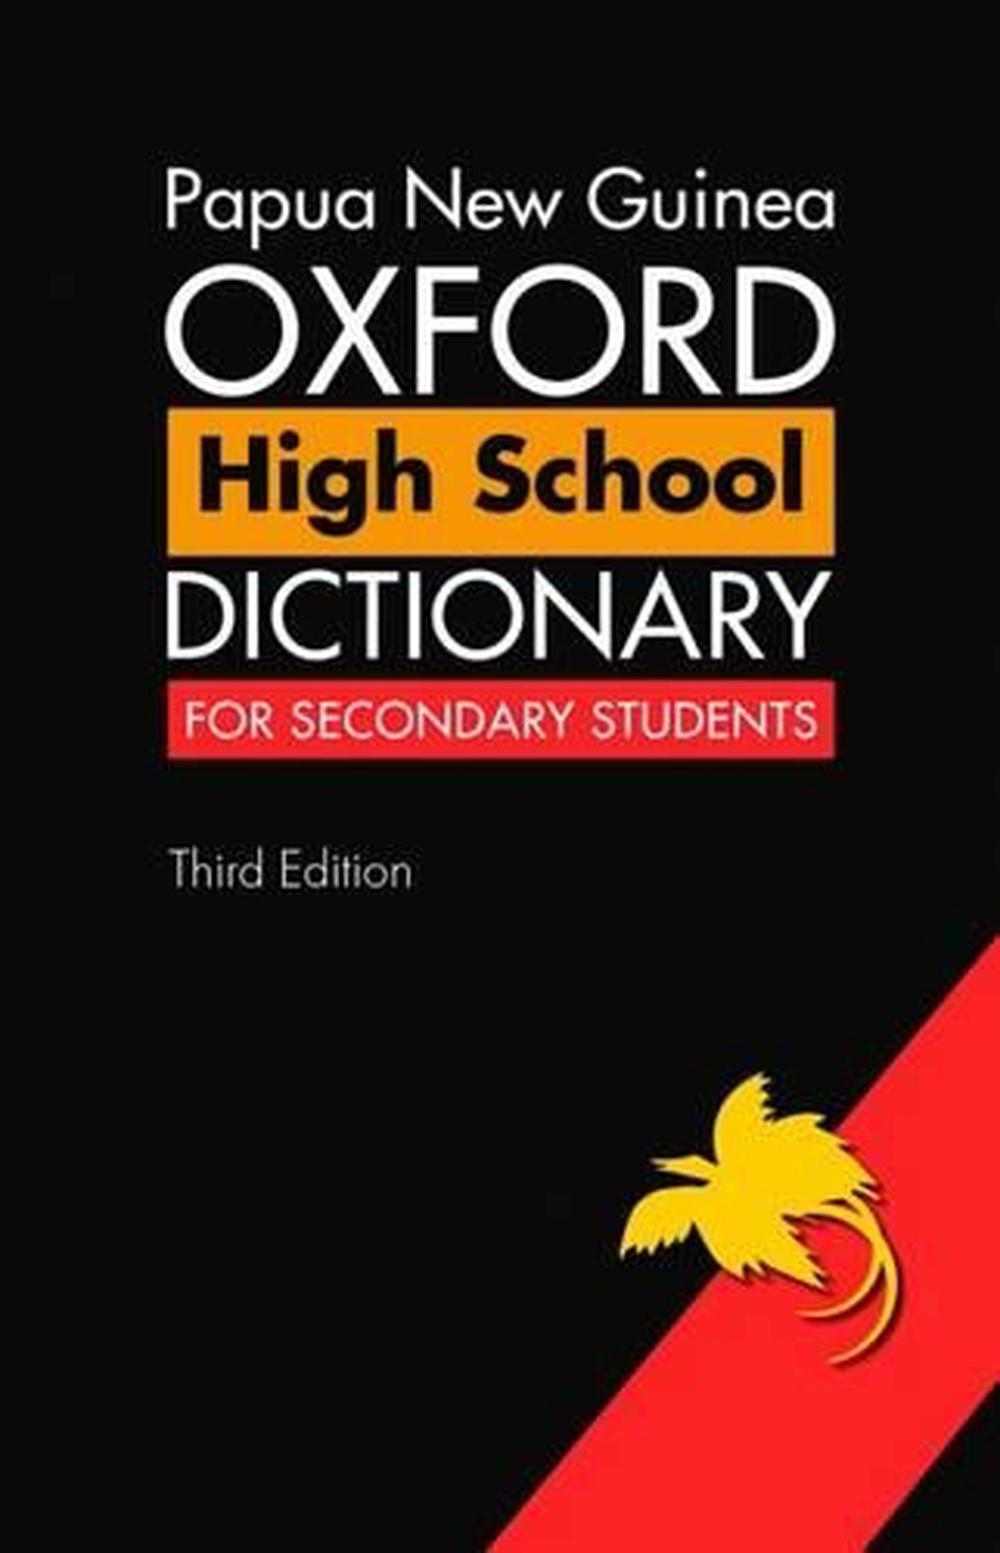 Papua New Guinea High School Dictionary